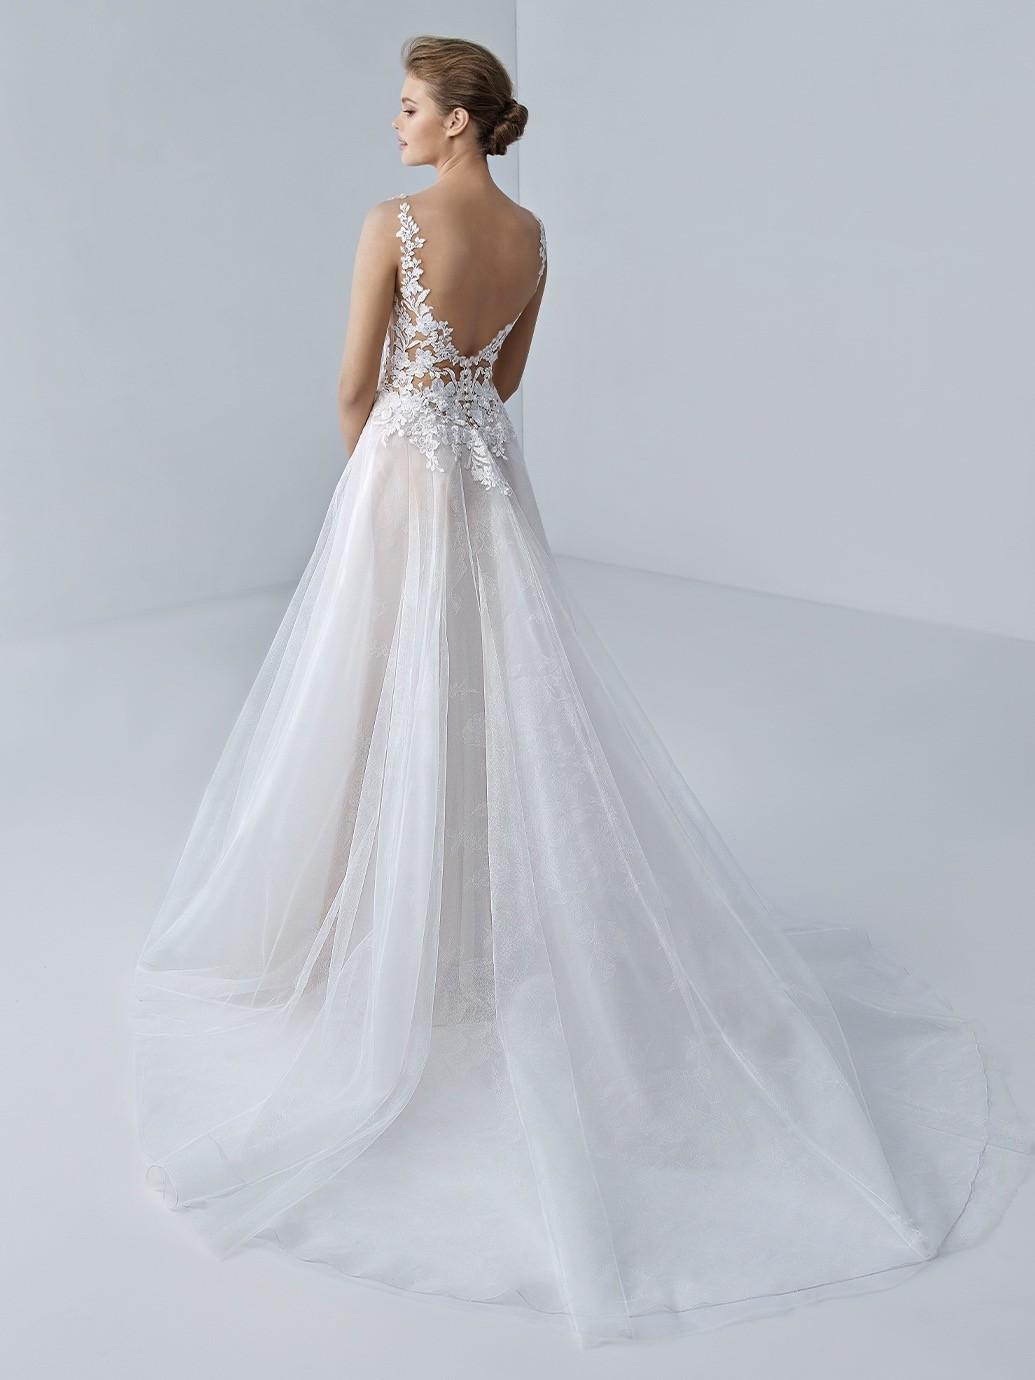 Hochzeitskleid im Prinzess-Schnitt mit transparentem Spitzentop, Tattoo-Effekt und tiefem Rücken von Etoile, Modell Ella